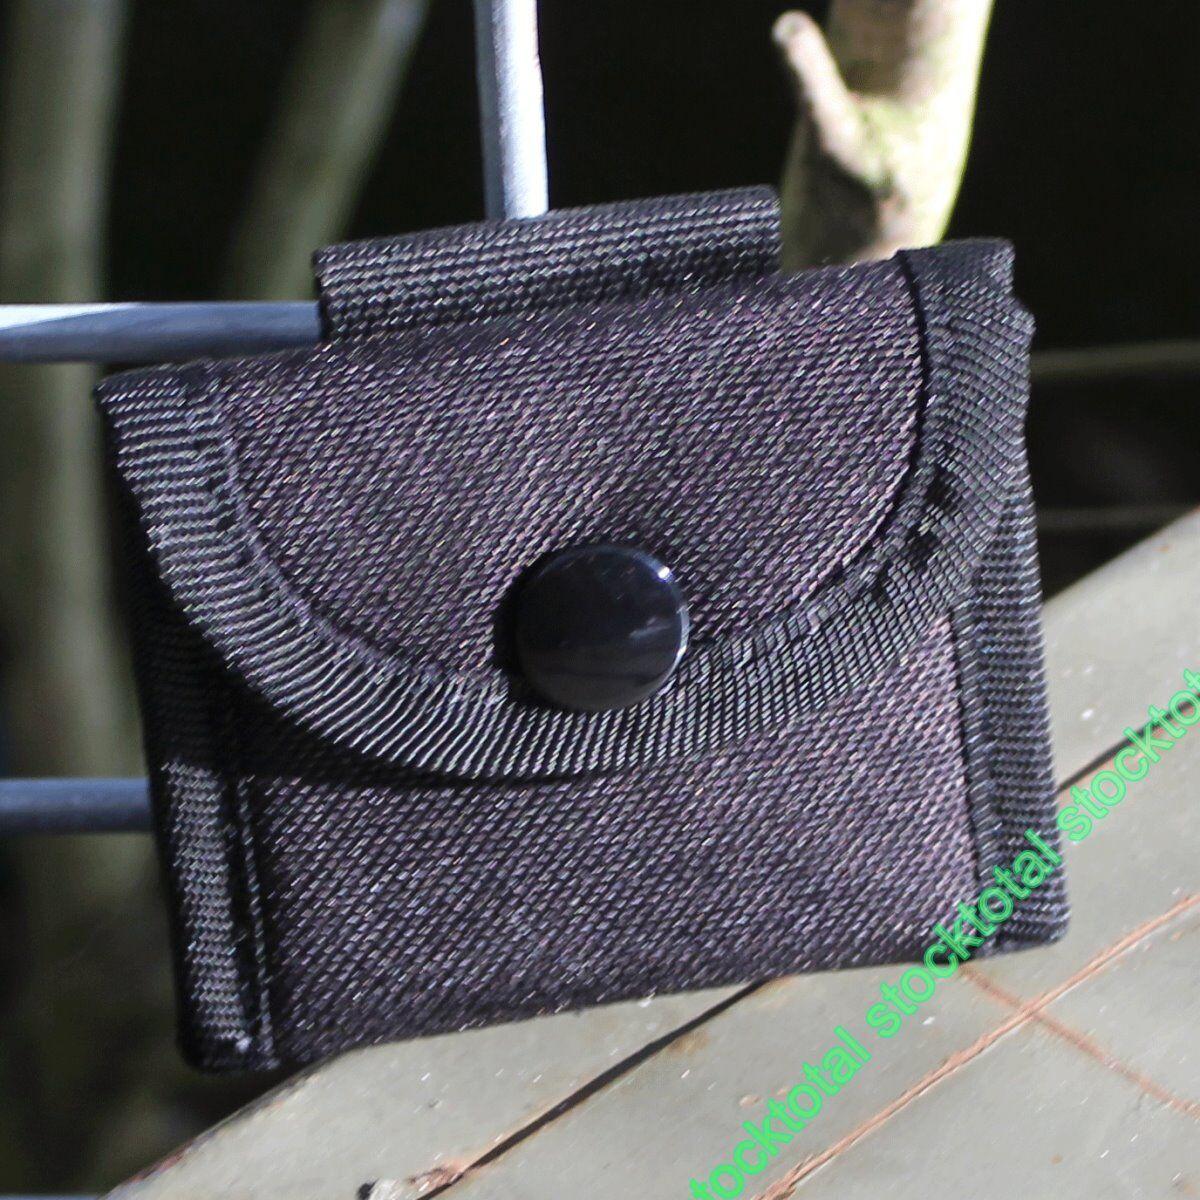 Funda en en cordura en Funda color negro para guantes latex. Cierre mediante velcro.74306 120052